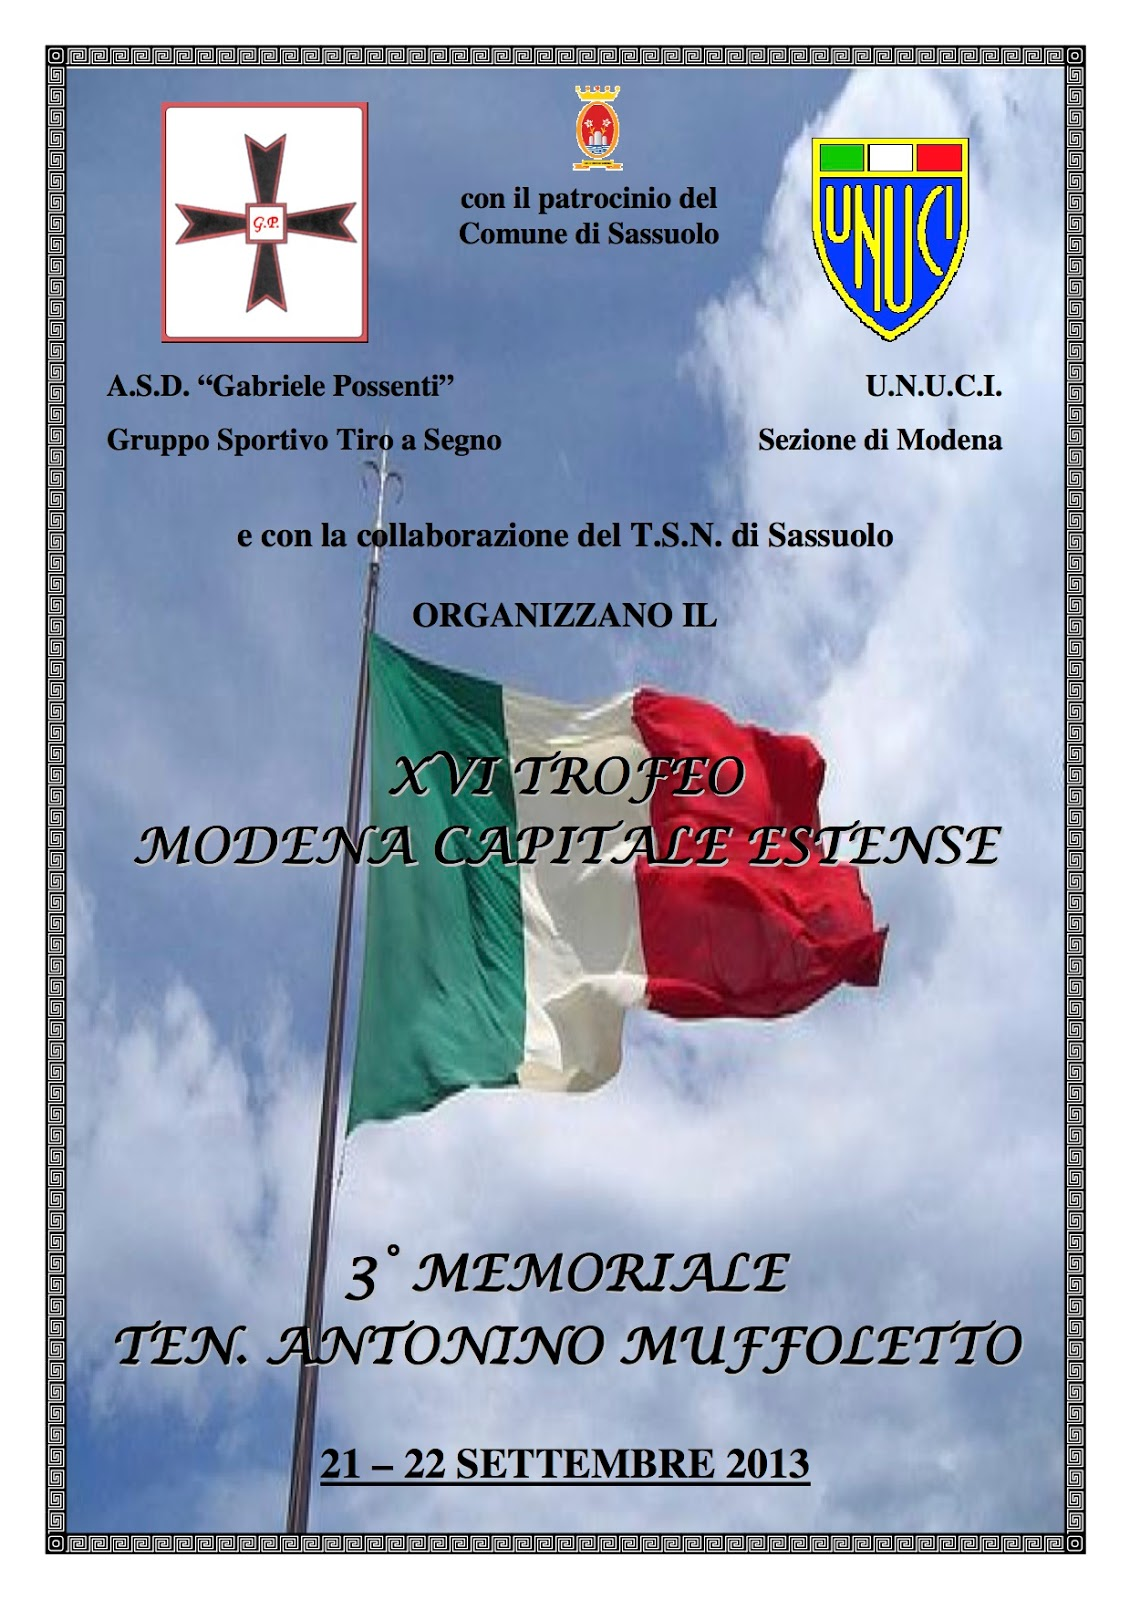 Gare Militari: XVI Trofeo Modena Capitale Estense - 3° Memoriale Ten.  Antonino Muffoletto - Sezione di Tiro a Segno Nazionale di Sassuolo - 21 e 22  settembre 2013